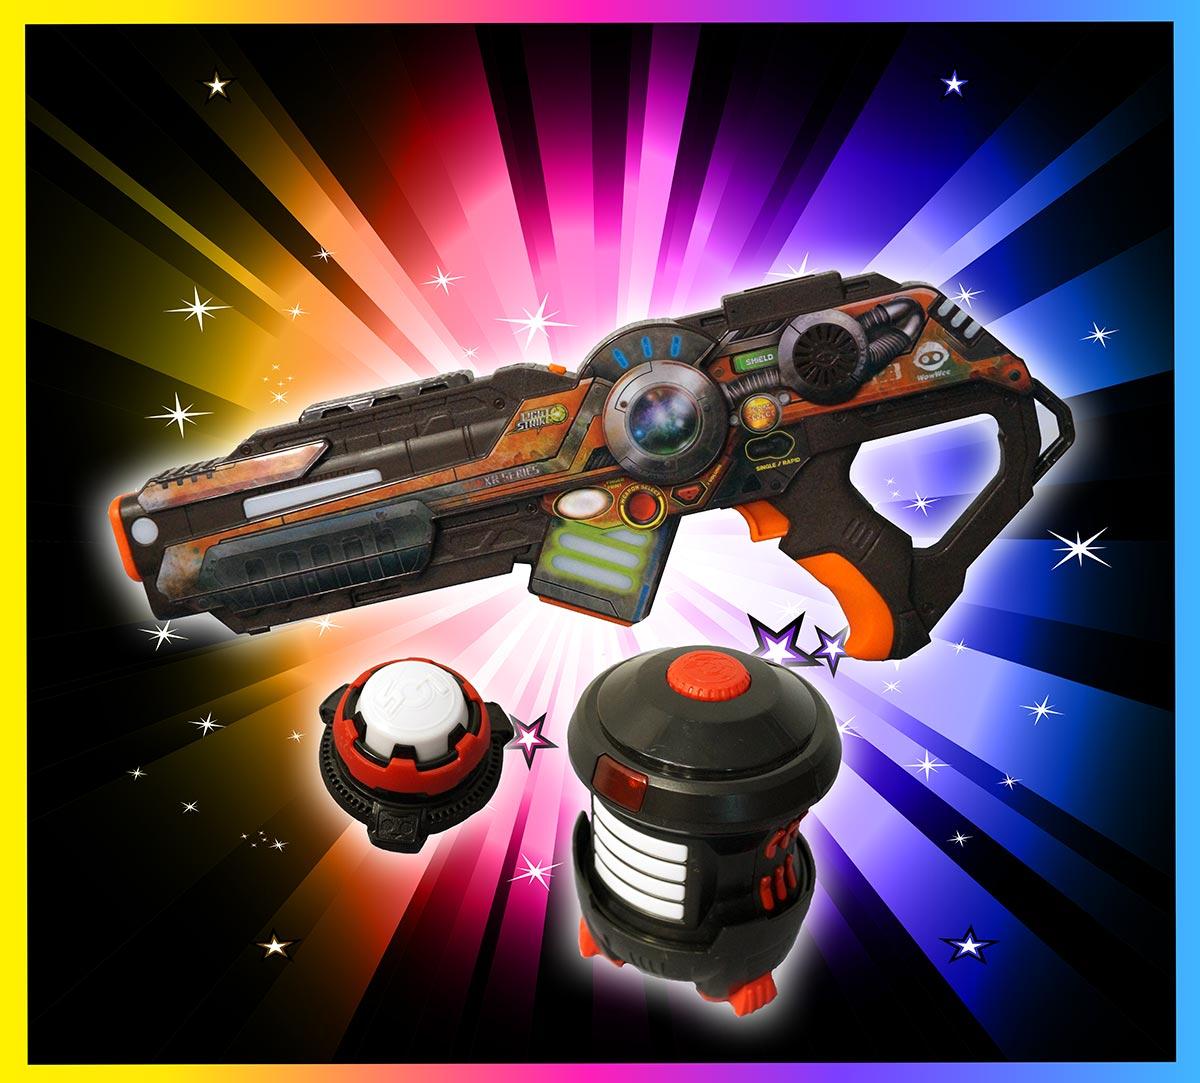 SVK-LaserGame